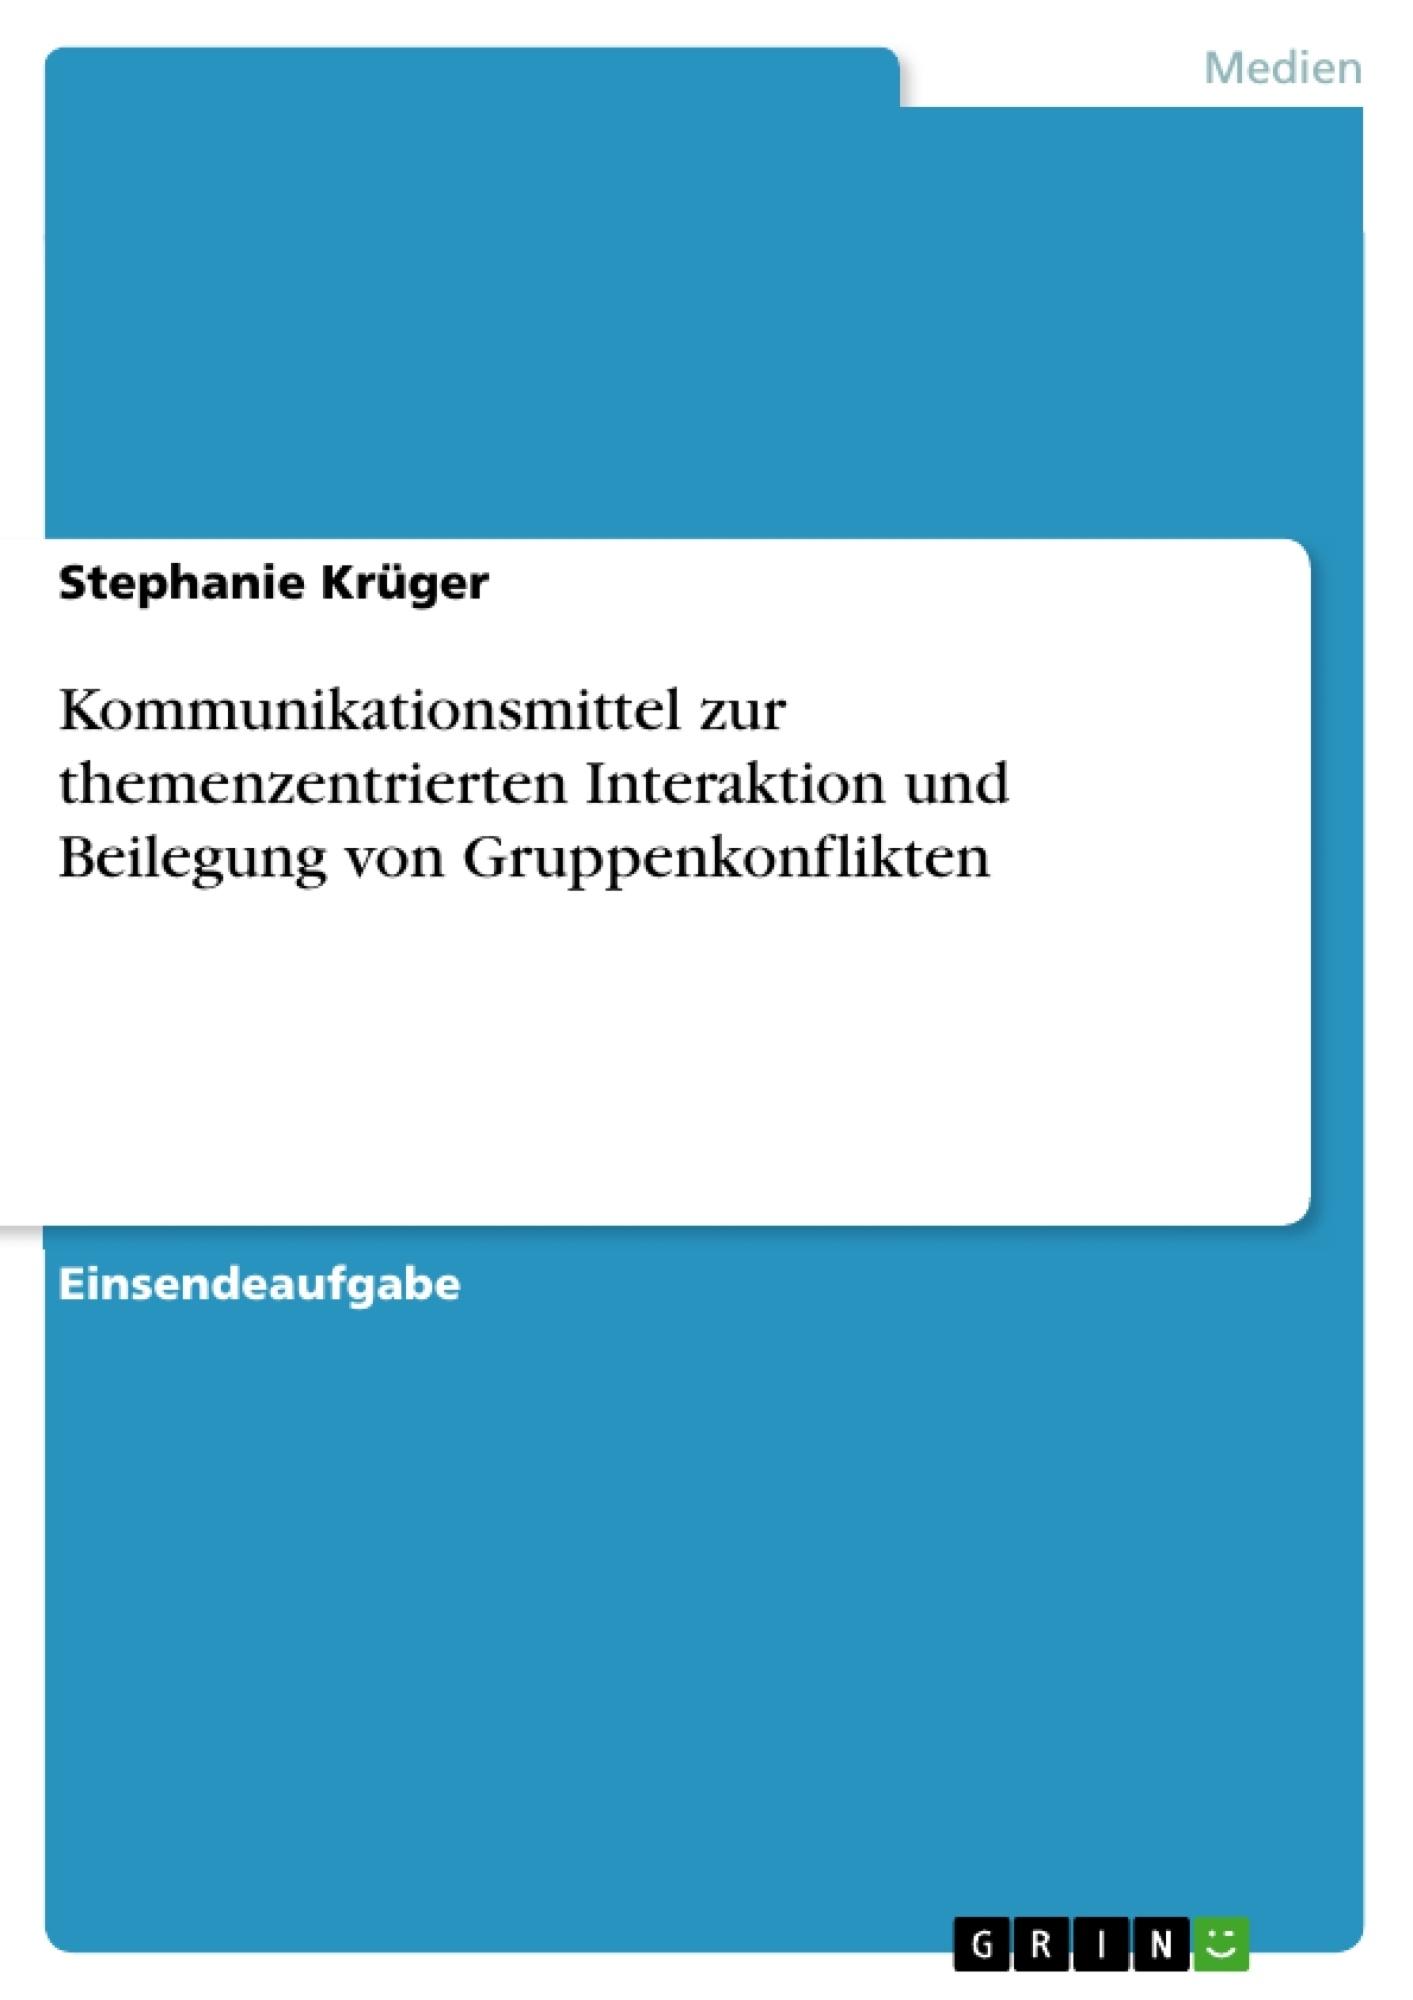 Titel: Kommunikationsmittel zur themenzentrierten Interaktion und Beilegung von Gruppenkonflikten